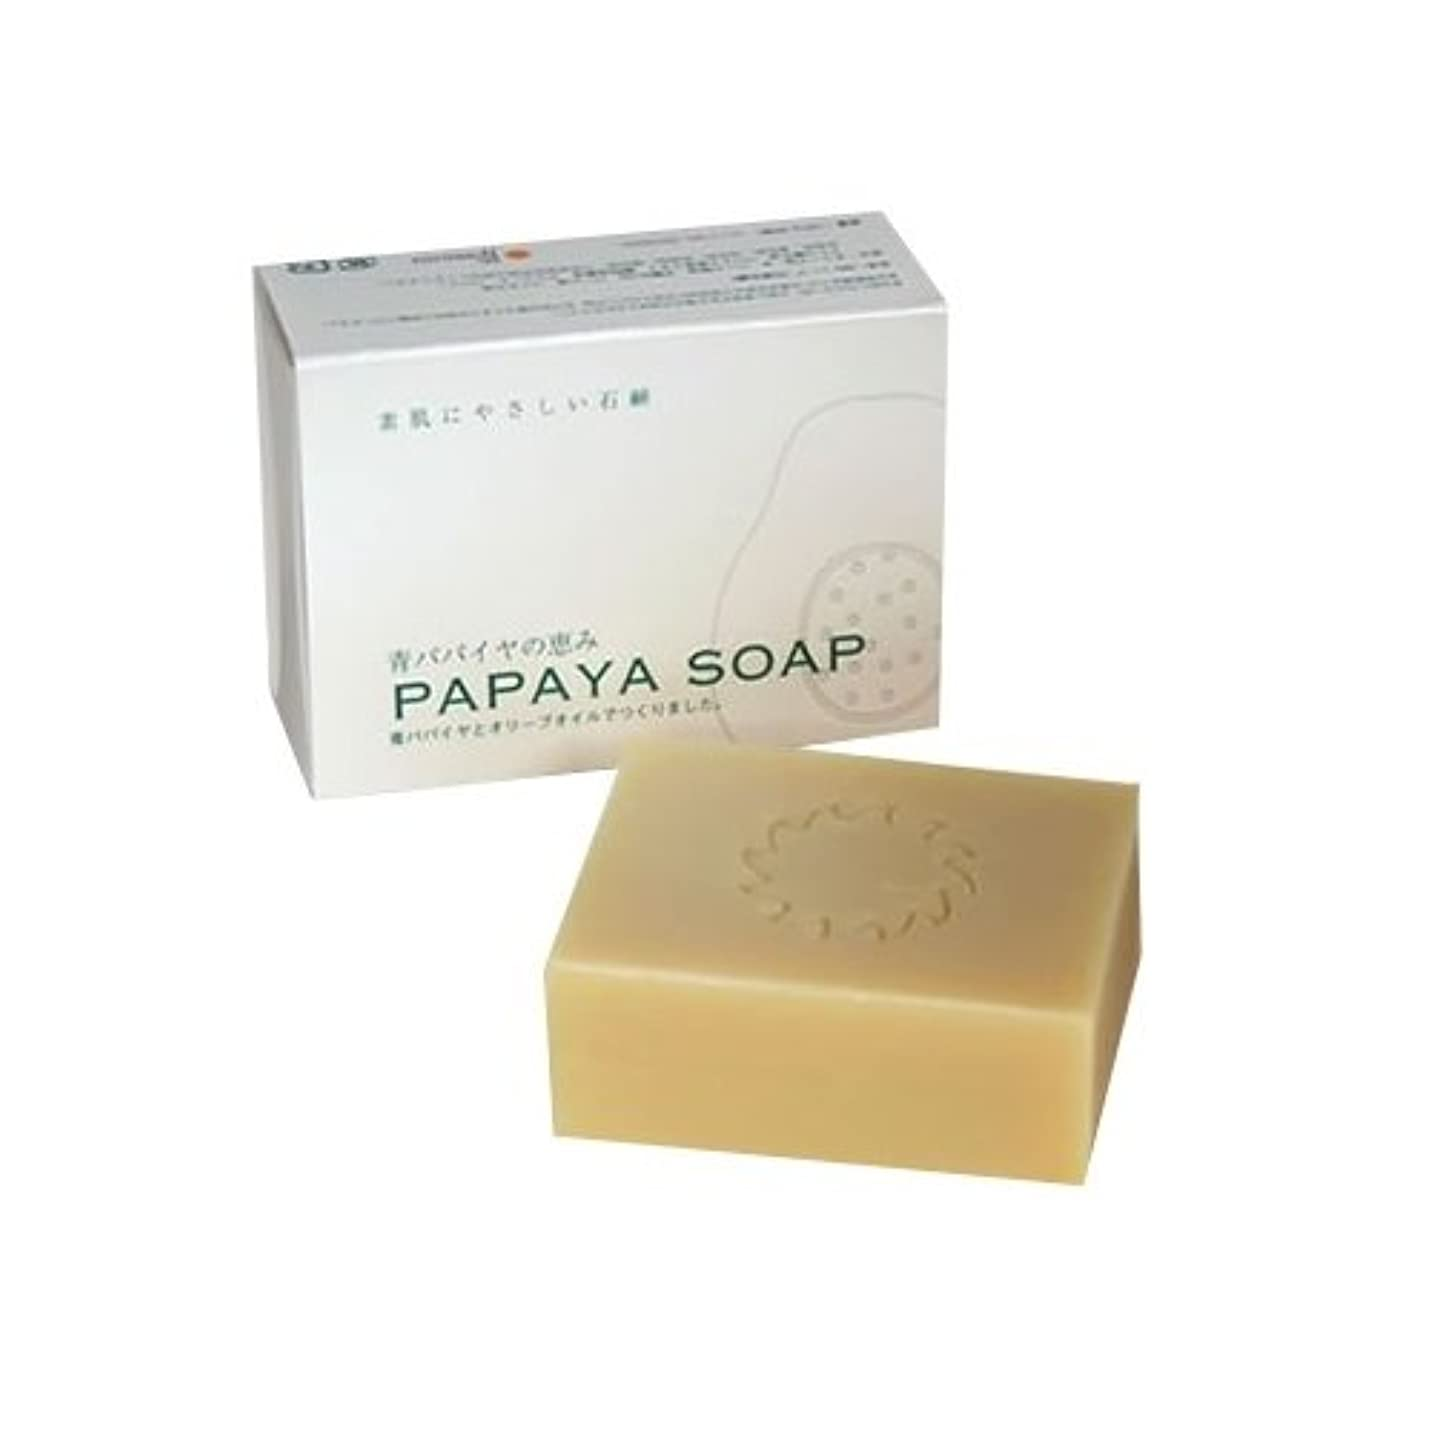 オプションルー戸口青パパイヤの恵み PAPAYA SOAP(パパイヤソープ) 100g